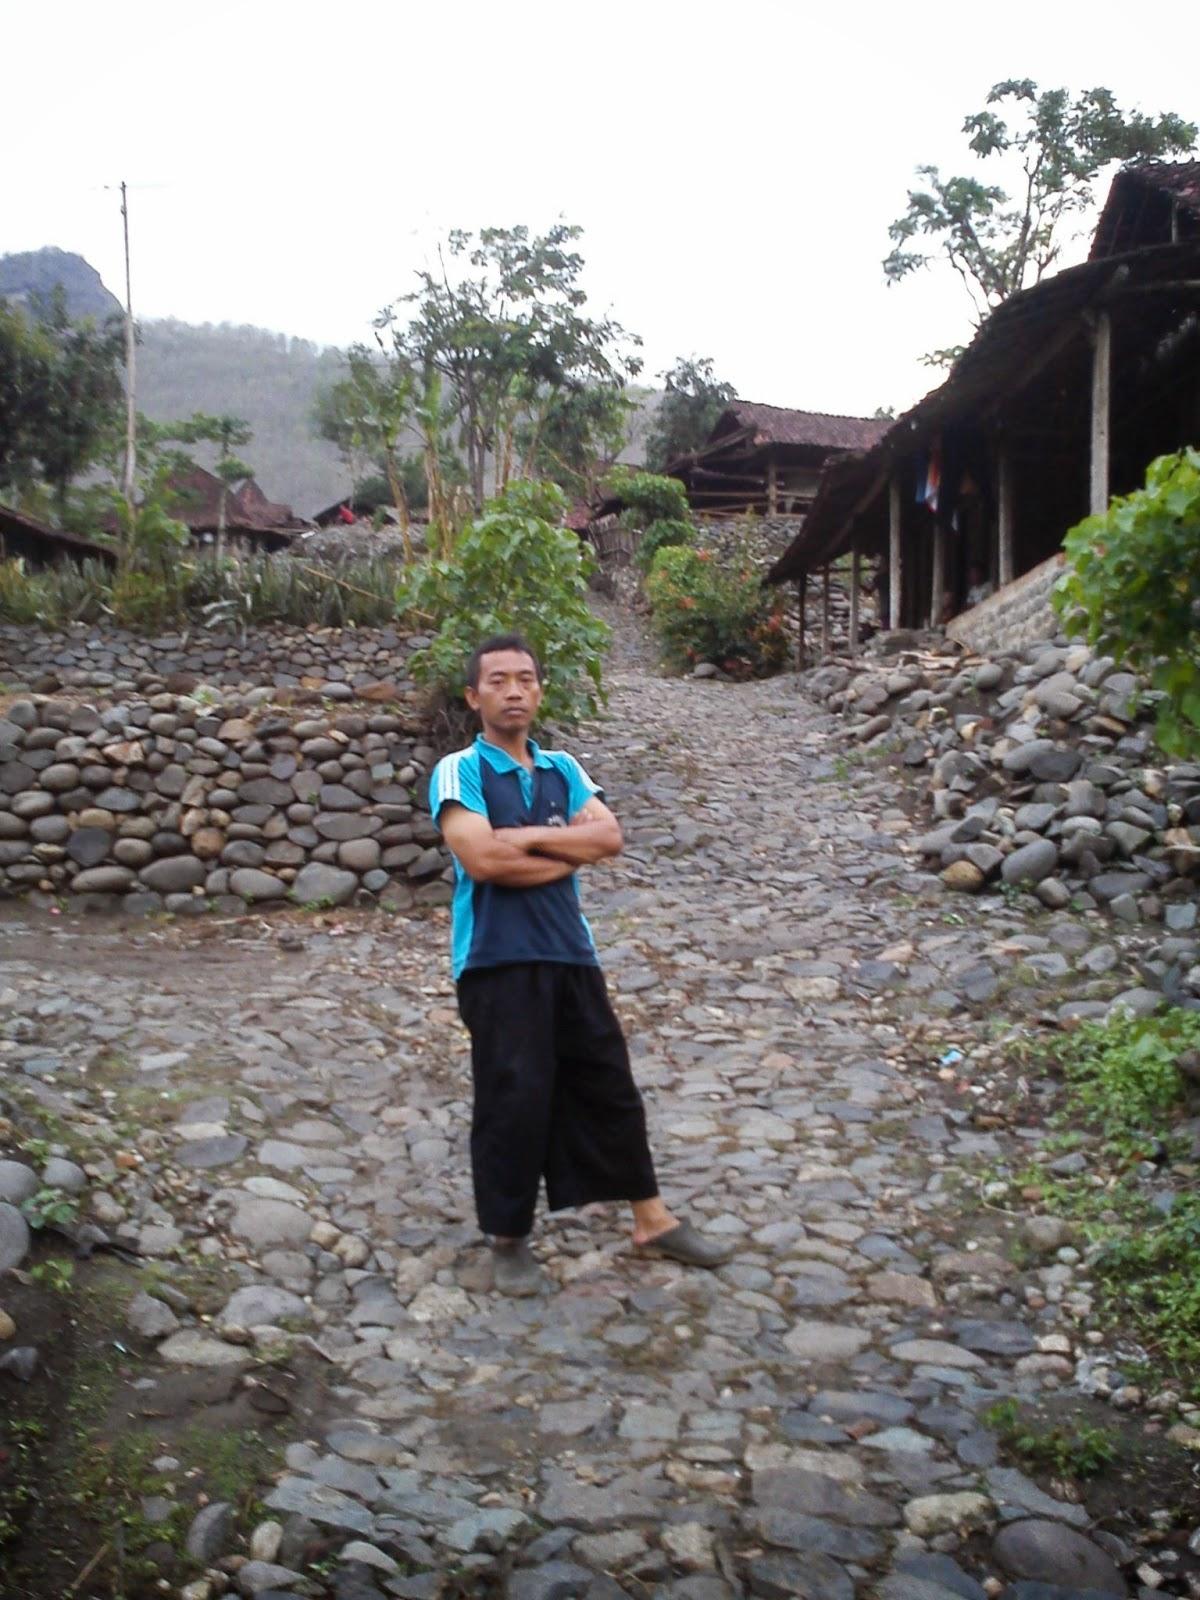 Wengker Pesona Telaga Bendo Ngindeng Wisata Alam Disuguhkan Ketika Berkunjung